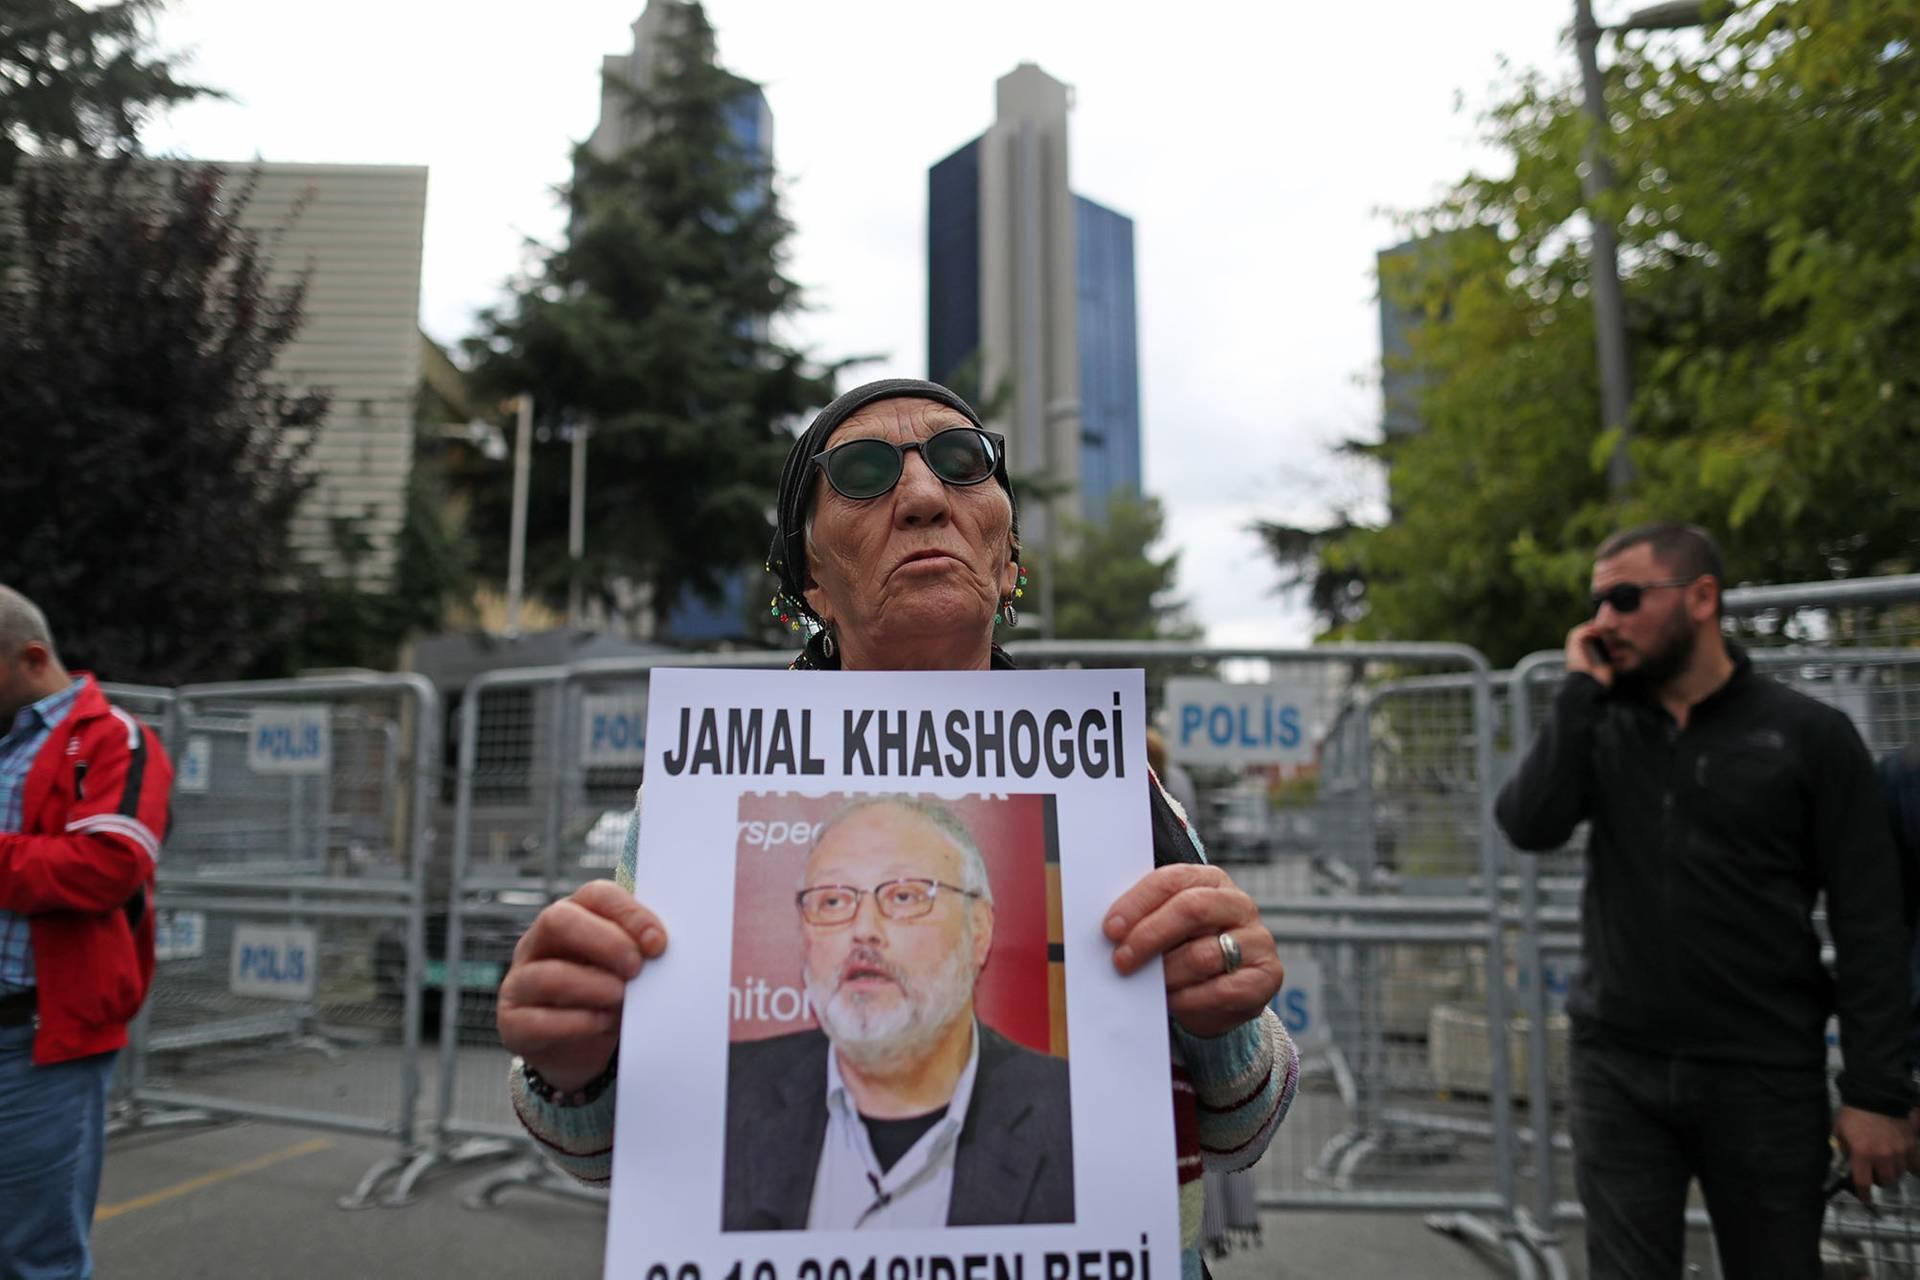 Члени Турецької правозахисної асоціації тримають фотографію зниклого саудівського журналіста Джамала Хашогджі під час акції біля консульства Саудівської Аравії в Стамбулі, Туреччина, 9 жовтня 2018 року